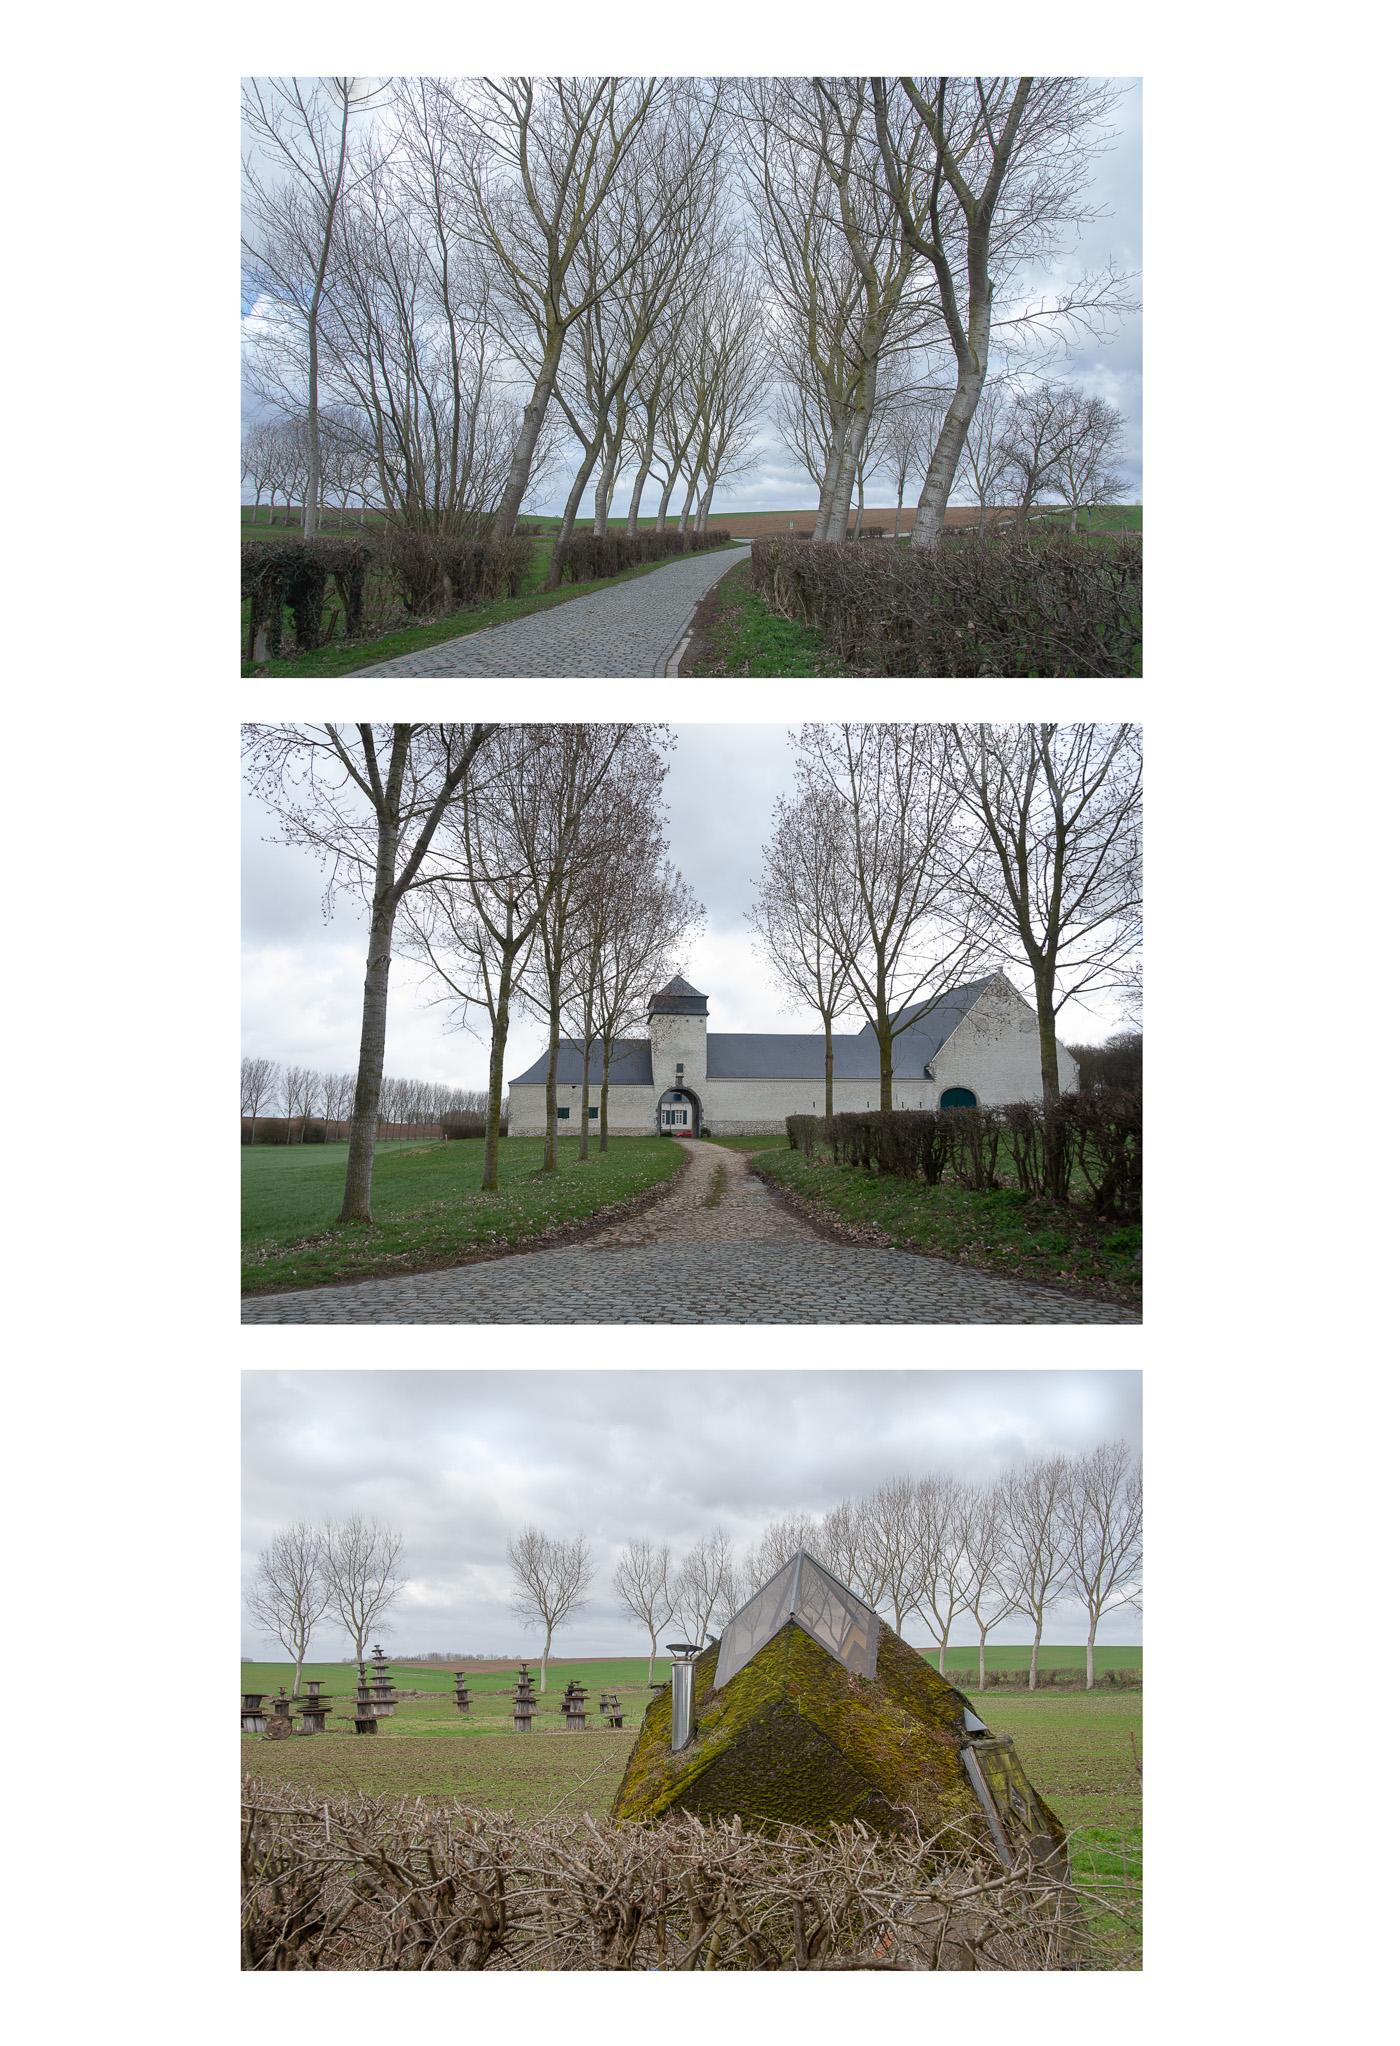 Veronique Windey - contrast